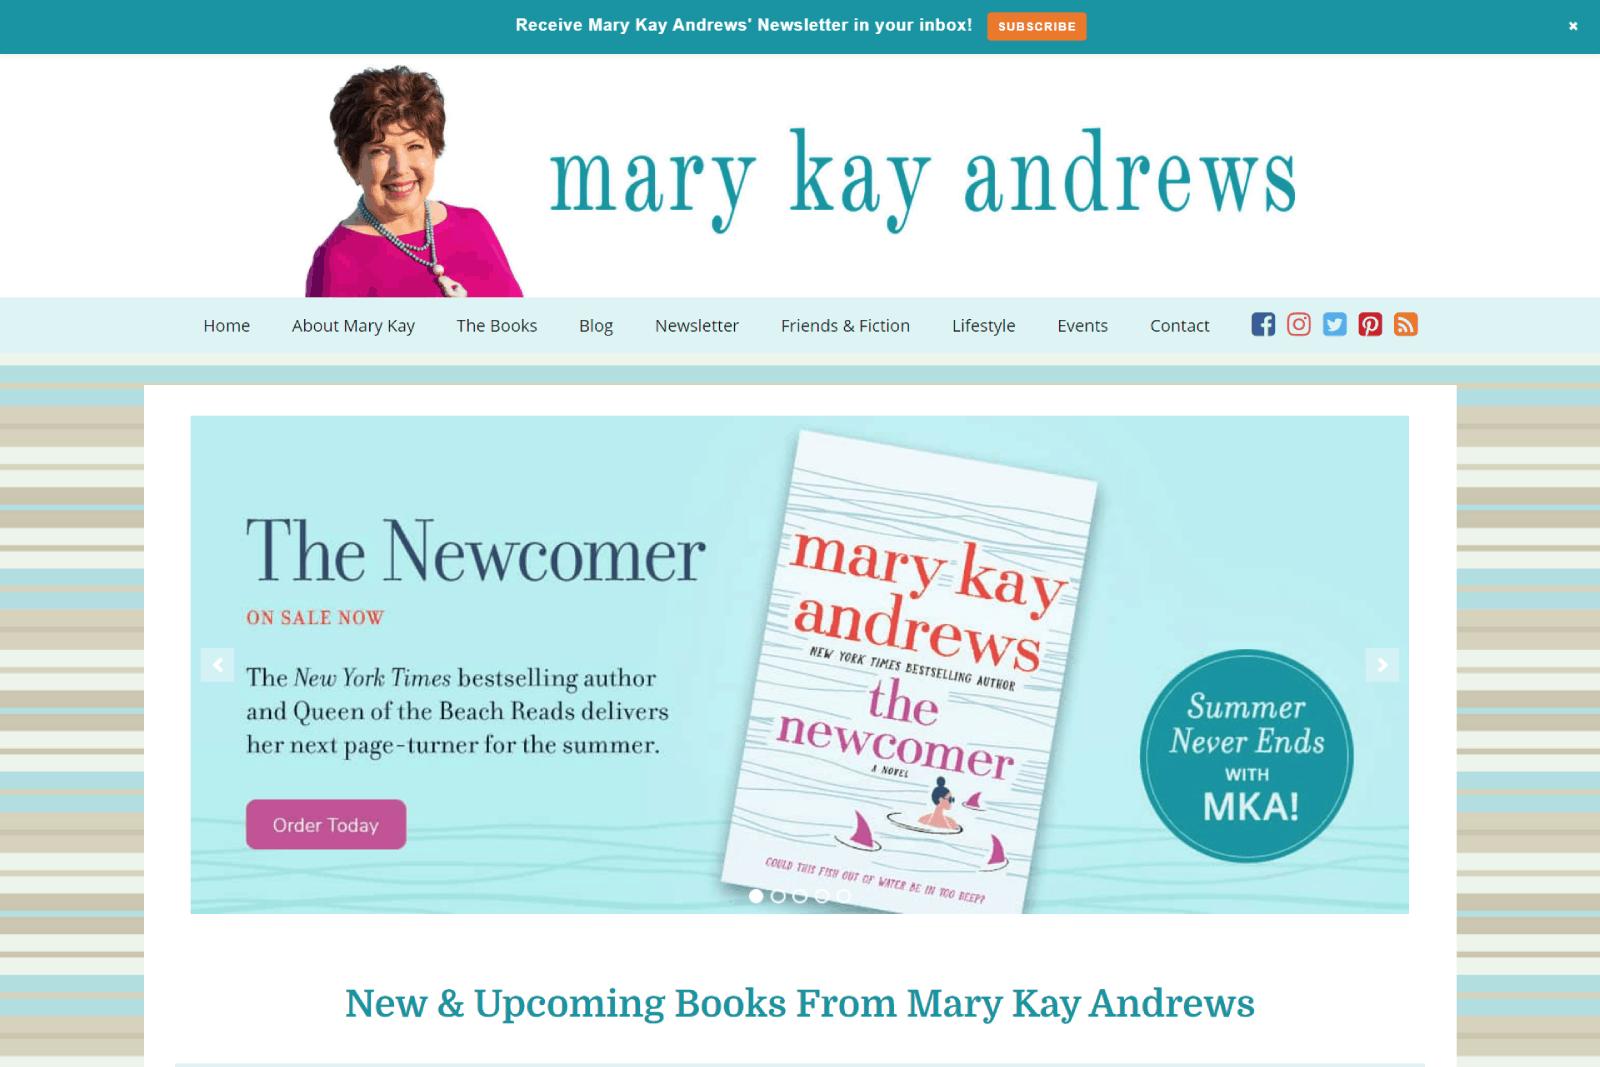 Mary Kay Andrews 2021